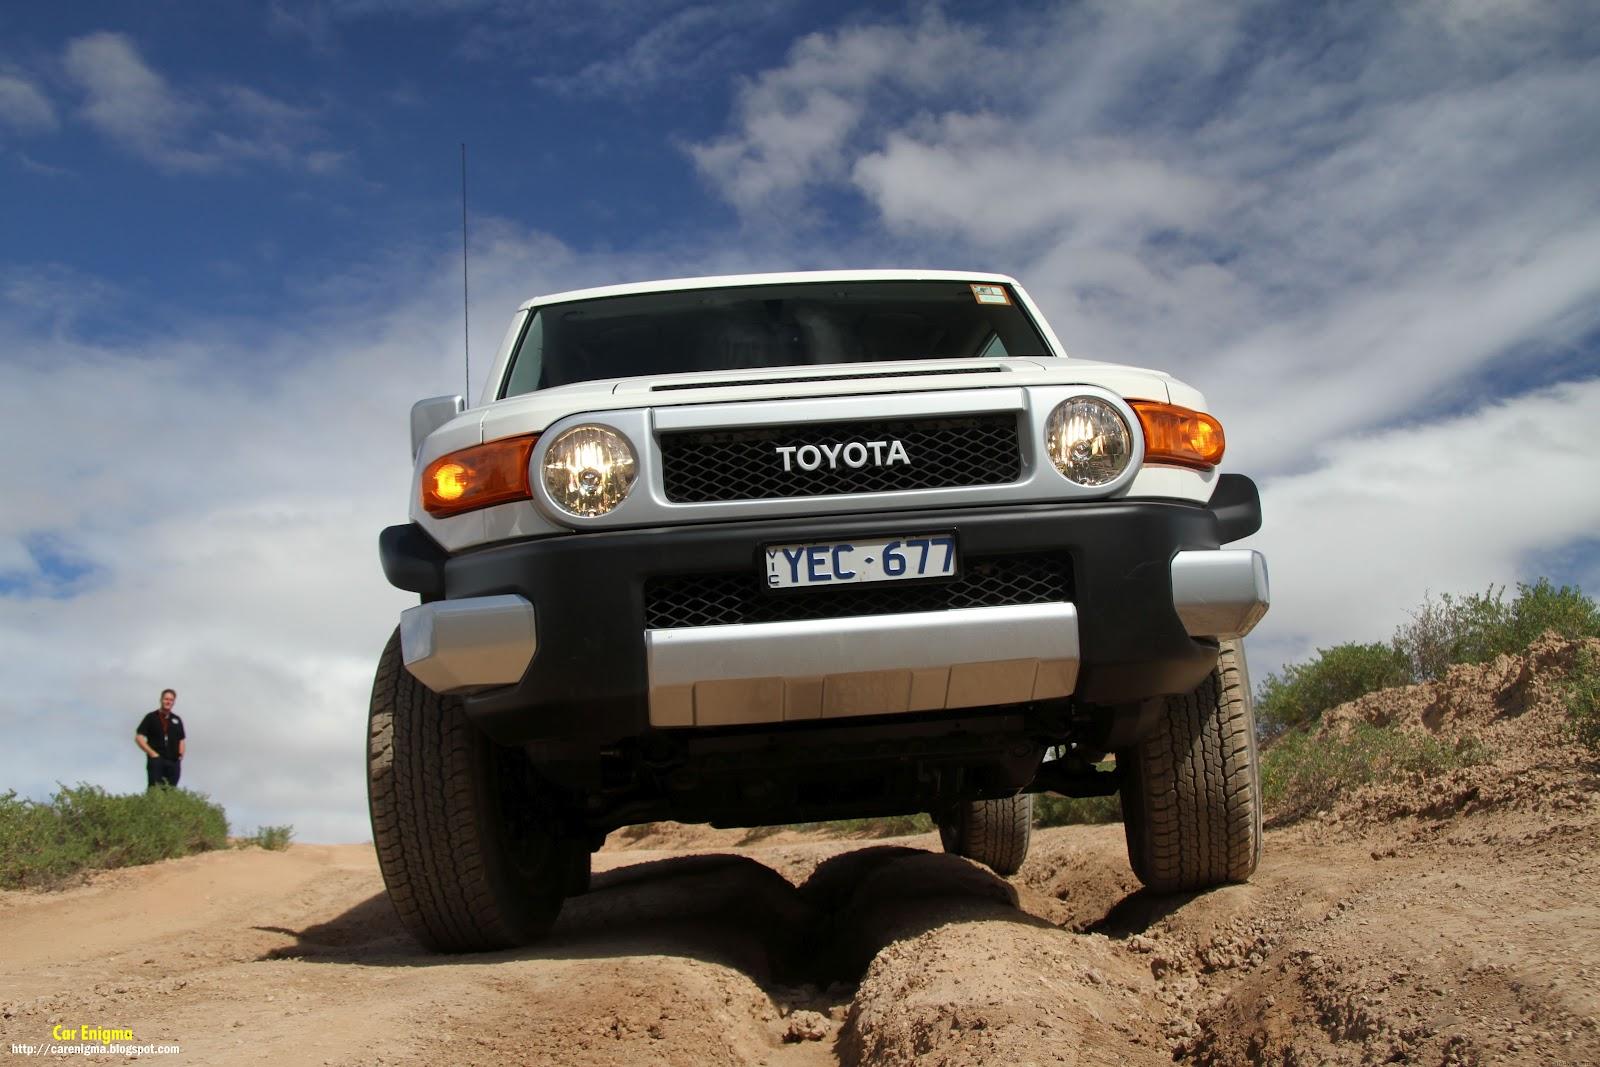 http://4.bp.blogspot.com/-XqhLIB86-Ek/T2bxBG7lrPI/AAAAAAAAAuw/I_Rk3sHIzBU/s1600/FJ_Front_Grey-Cruiser-Below.jpg